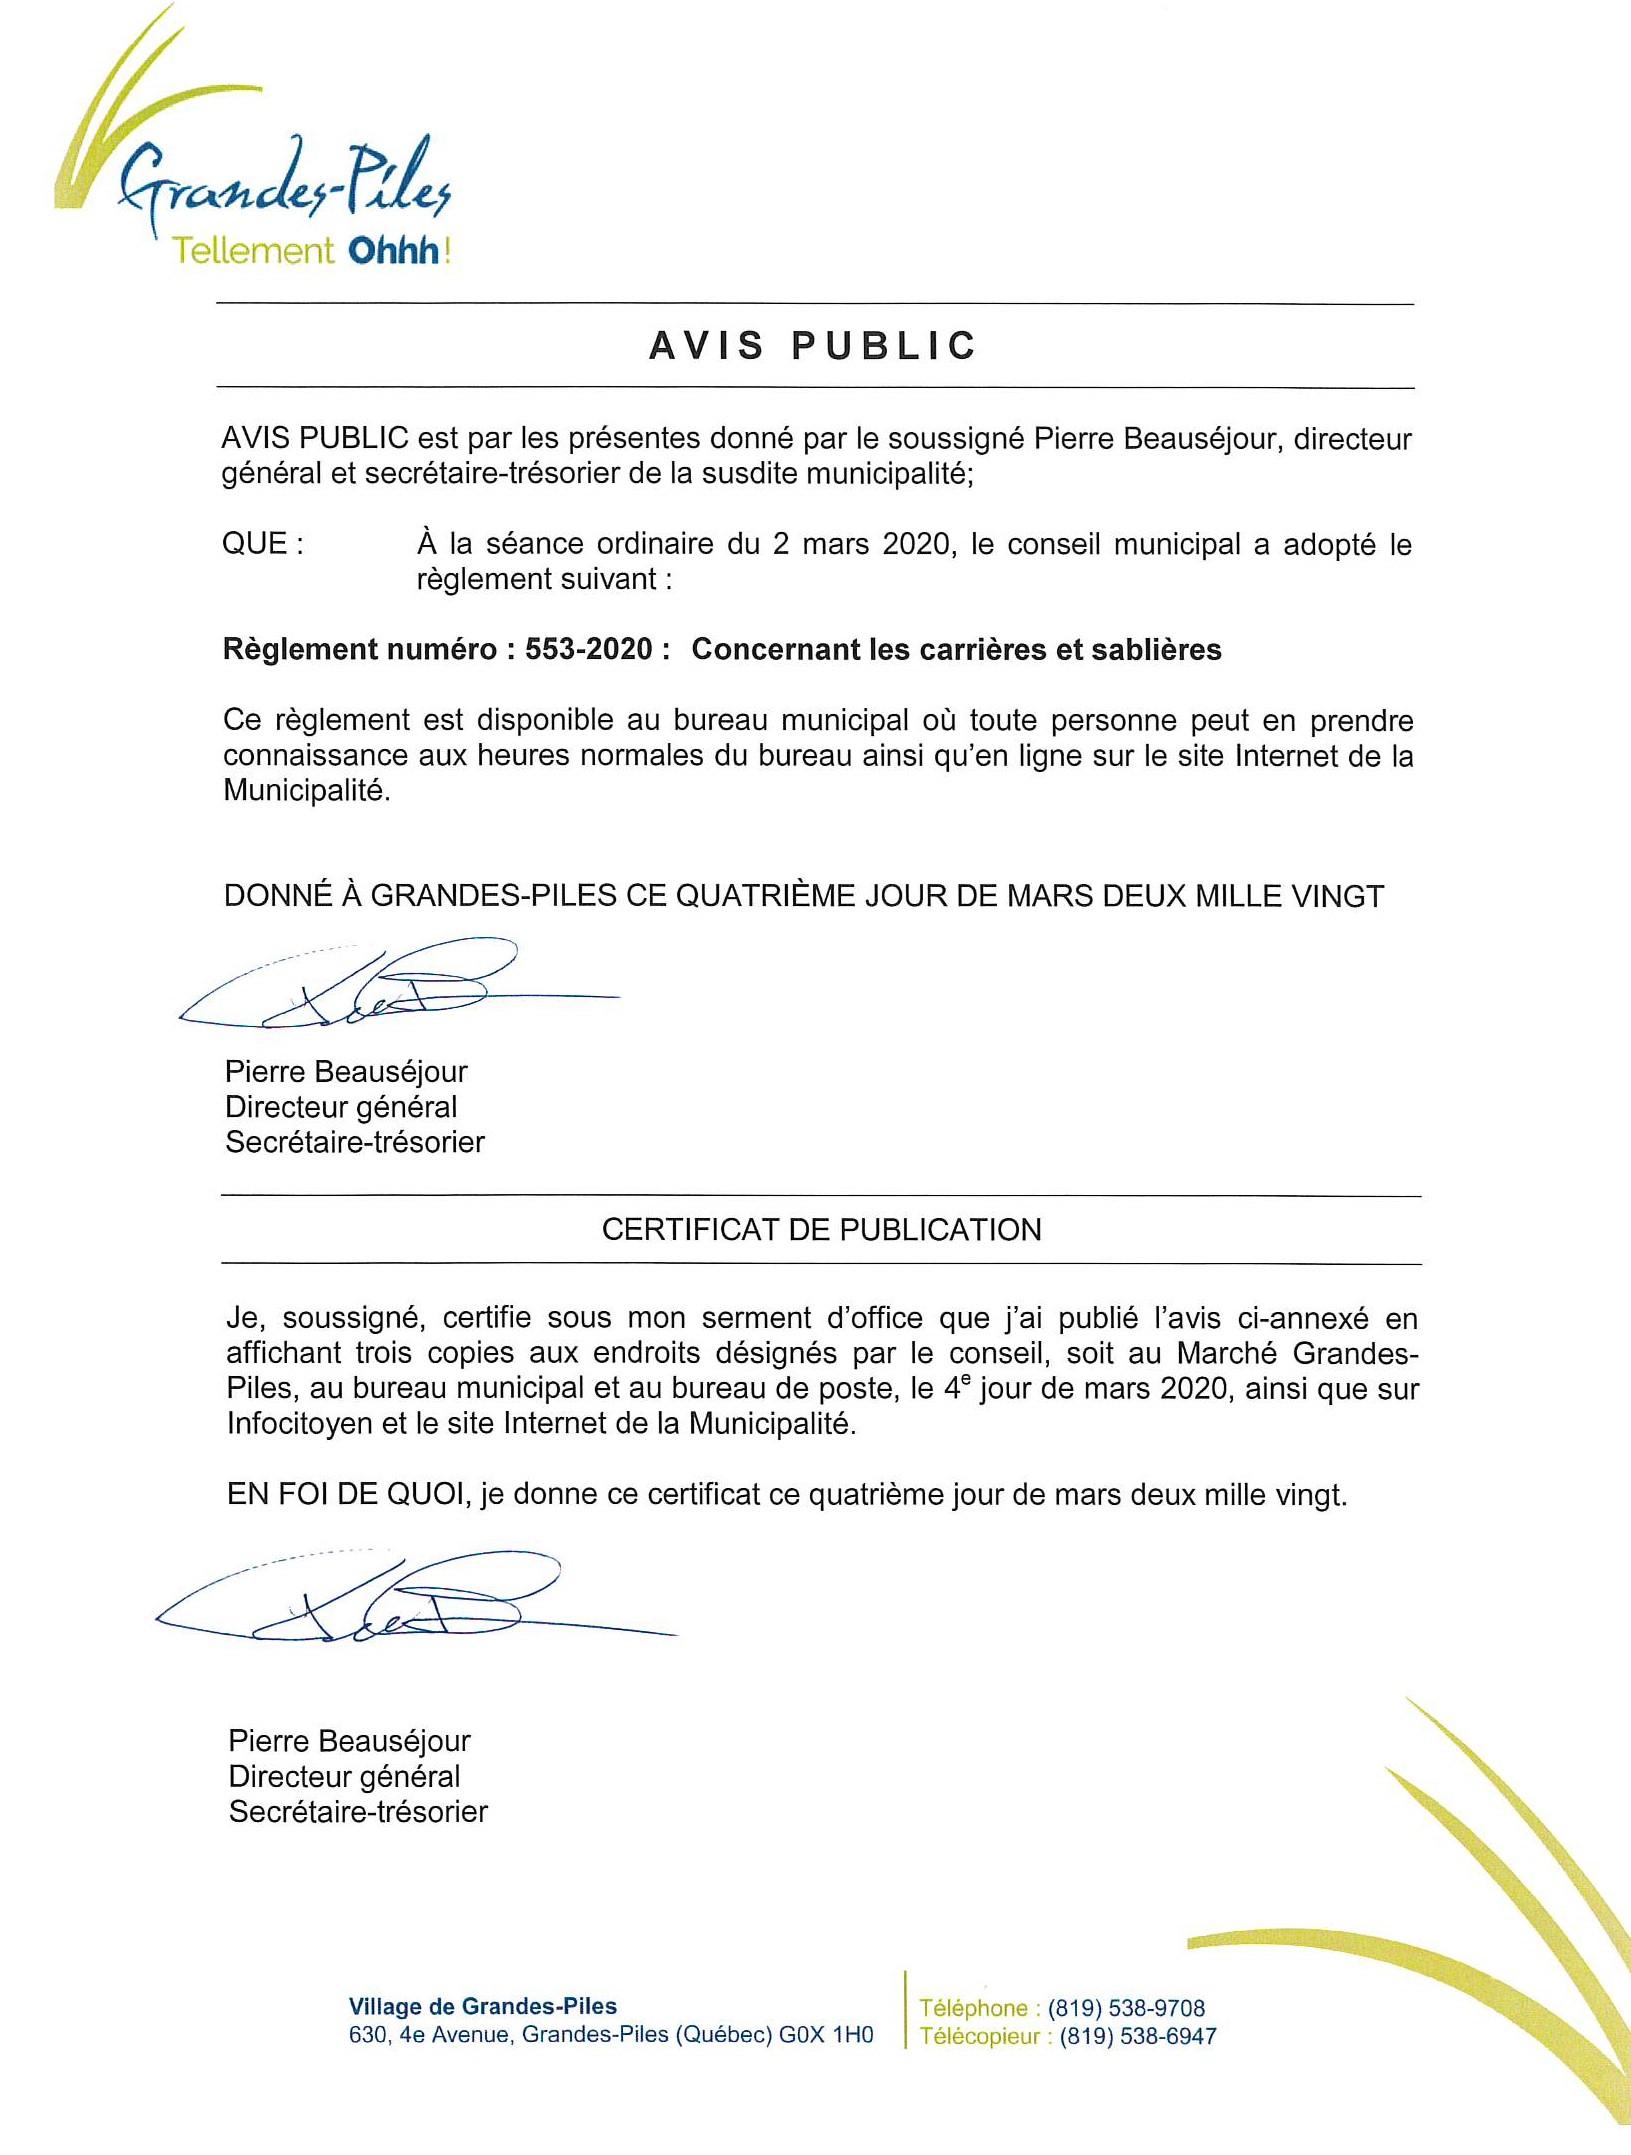 Adoption règlement 553-2020 Carrières et sablières